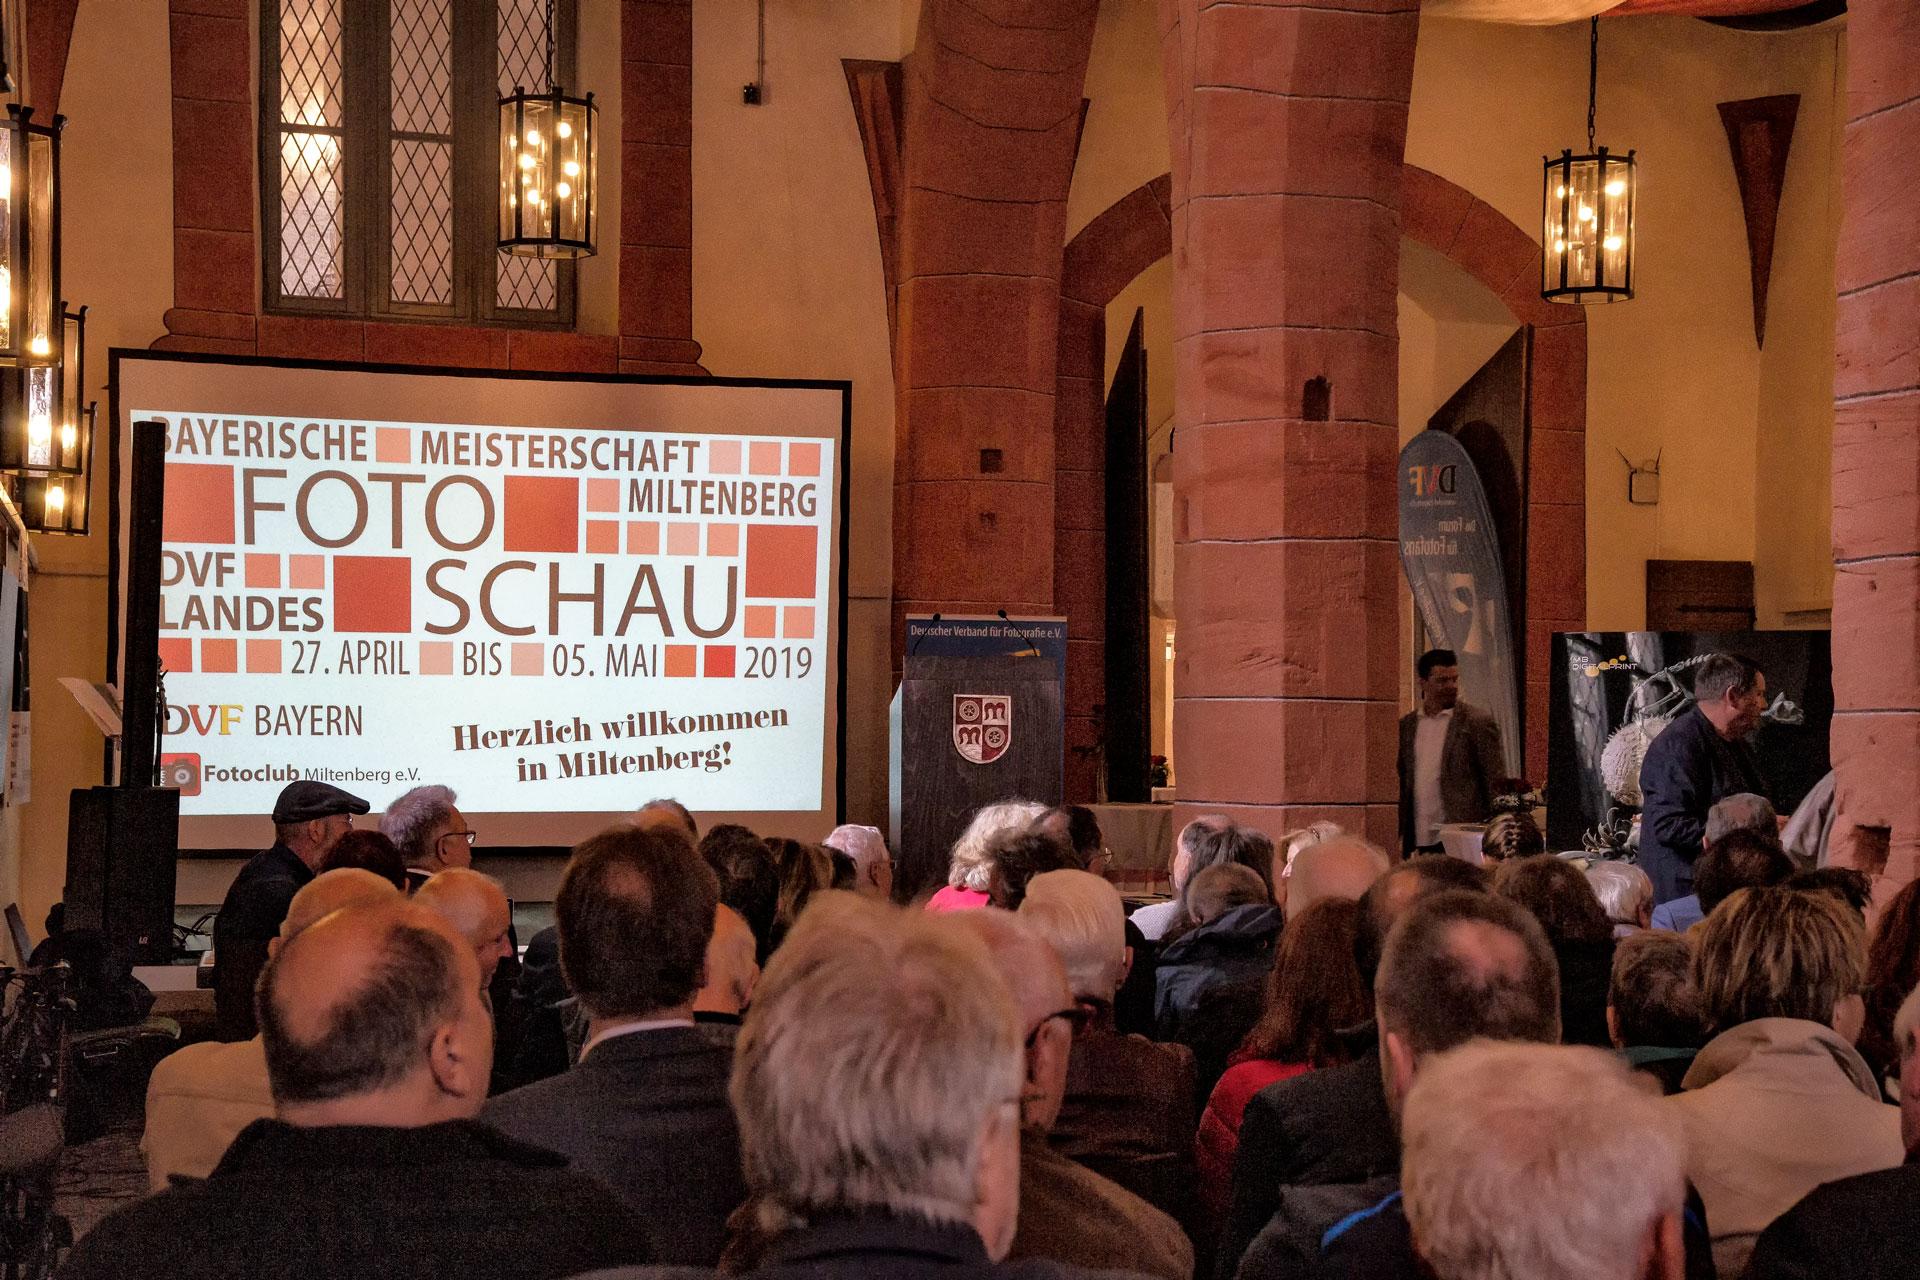 Preisverleihung Bayerische Fotomeisterschaft